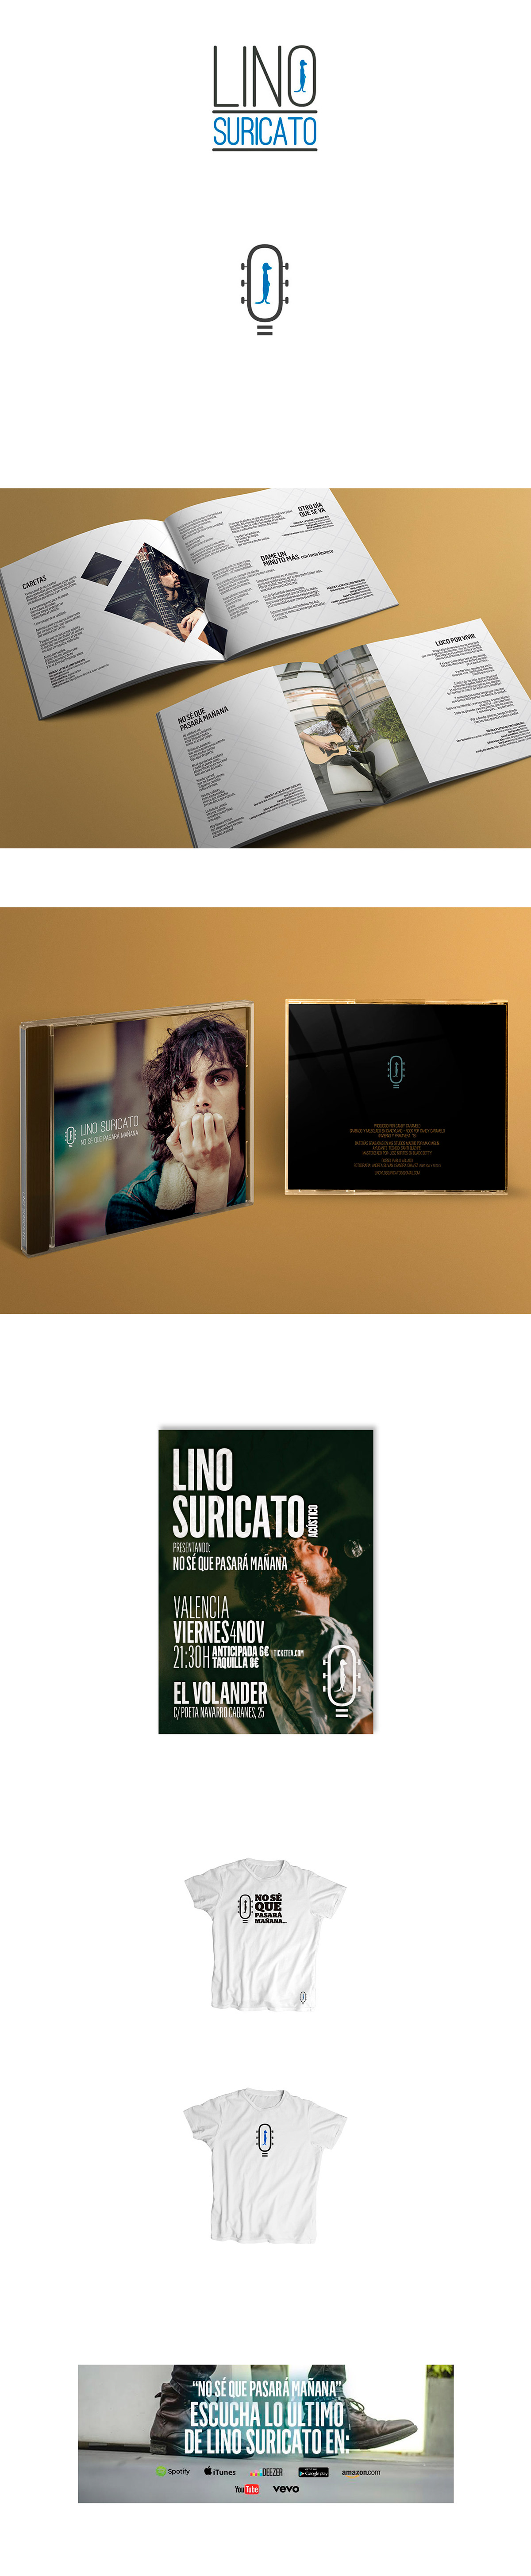 diseno-grafico-valencia-branding-lino-suricato-01